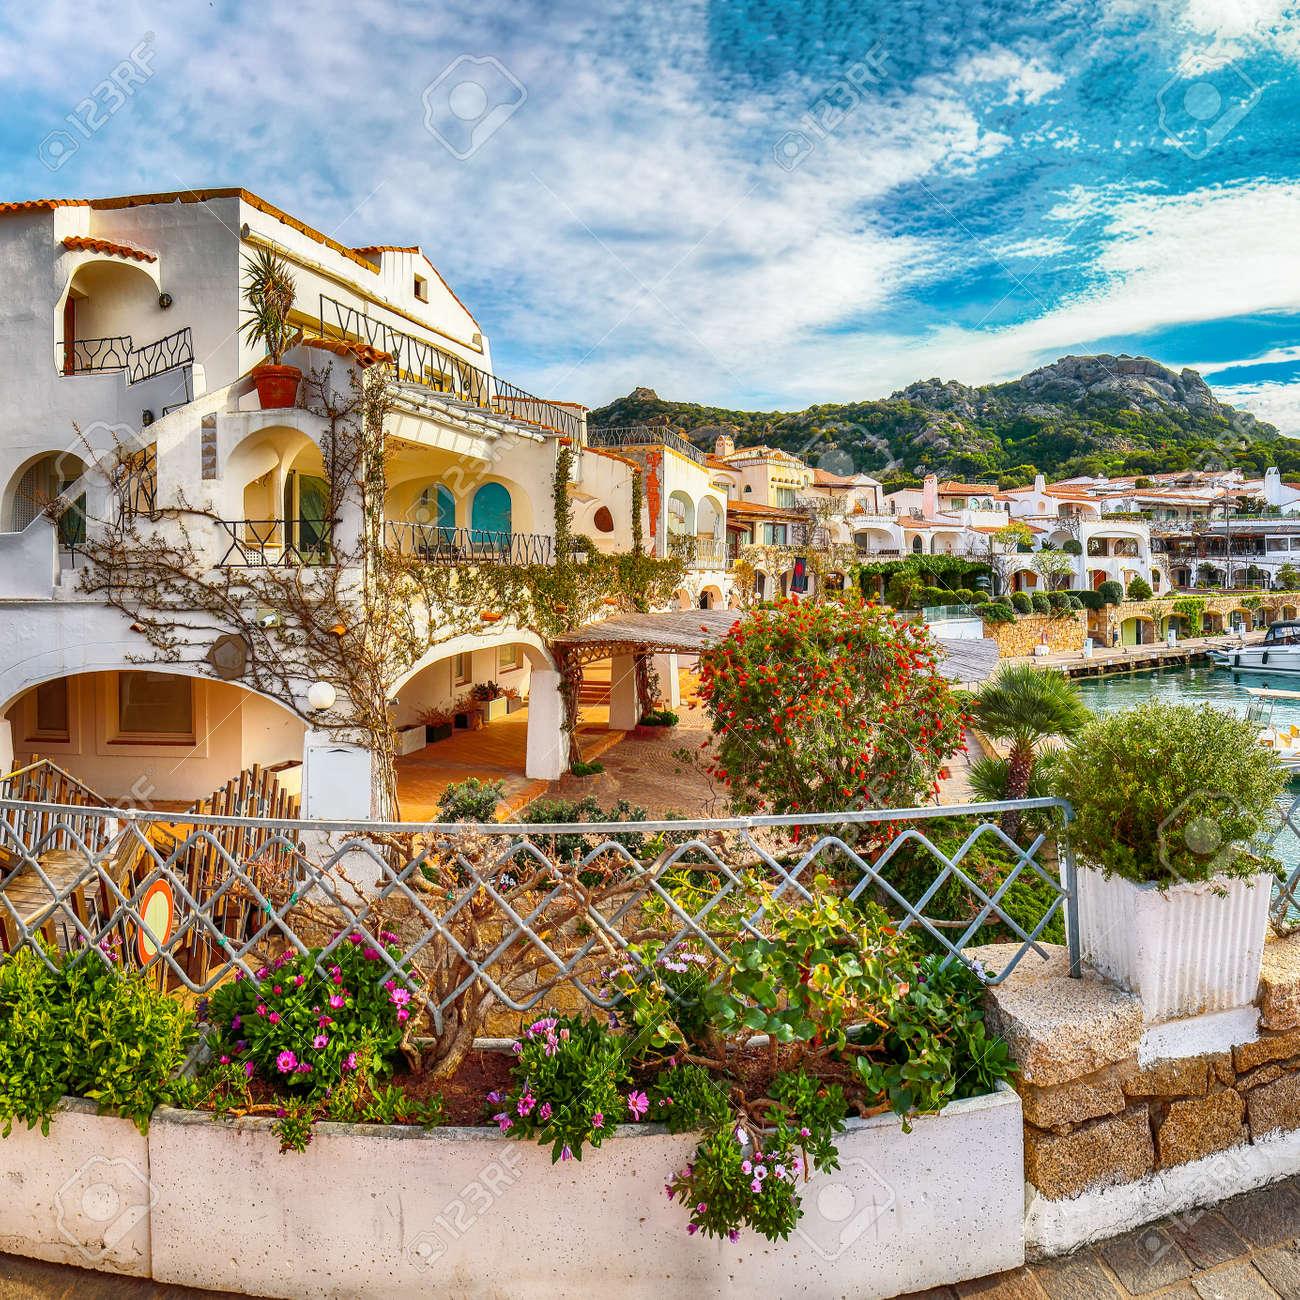 Enchanting view of Poltu Quatu town on Costa Smeralda. Popular travel destination of Mediterranean sea. Location: Poltu Quatu, Province of Sassari, Sardinia, Italy, Europe - 170378851